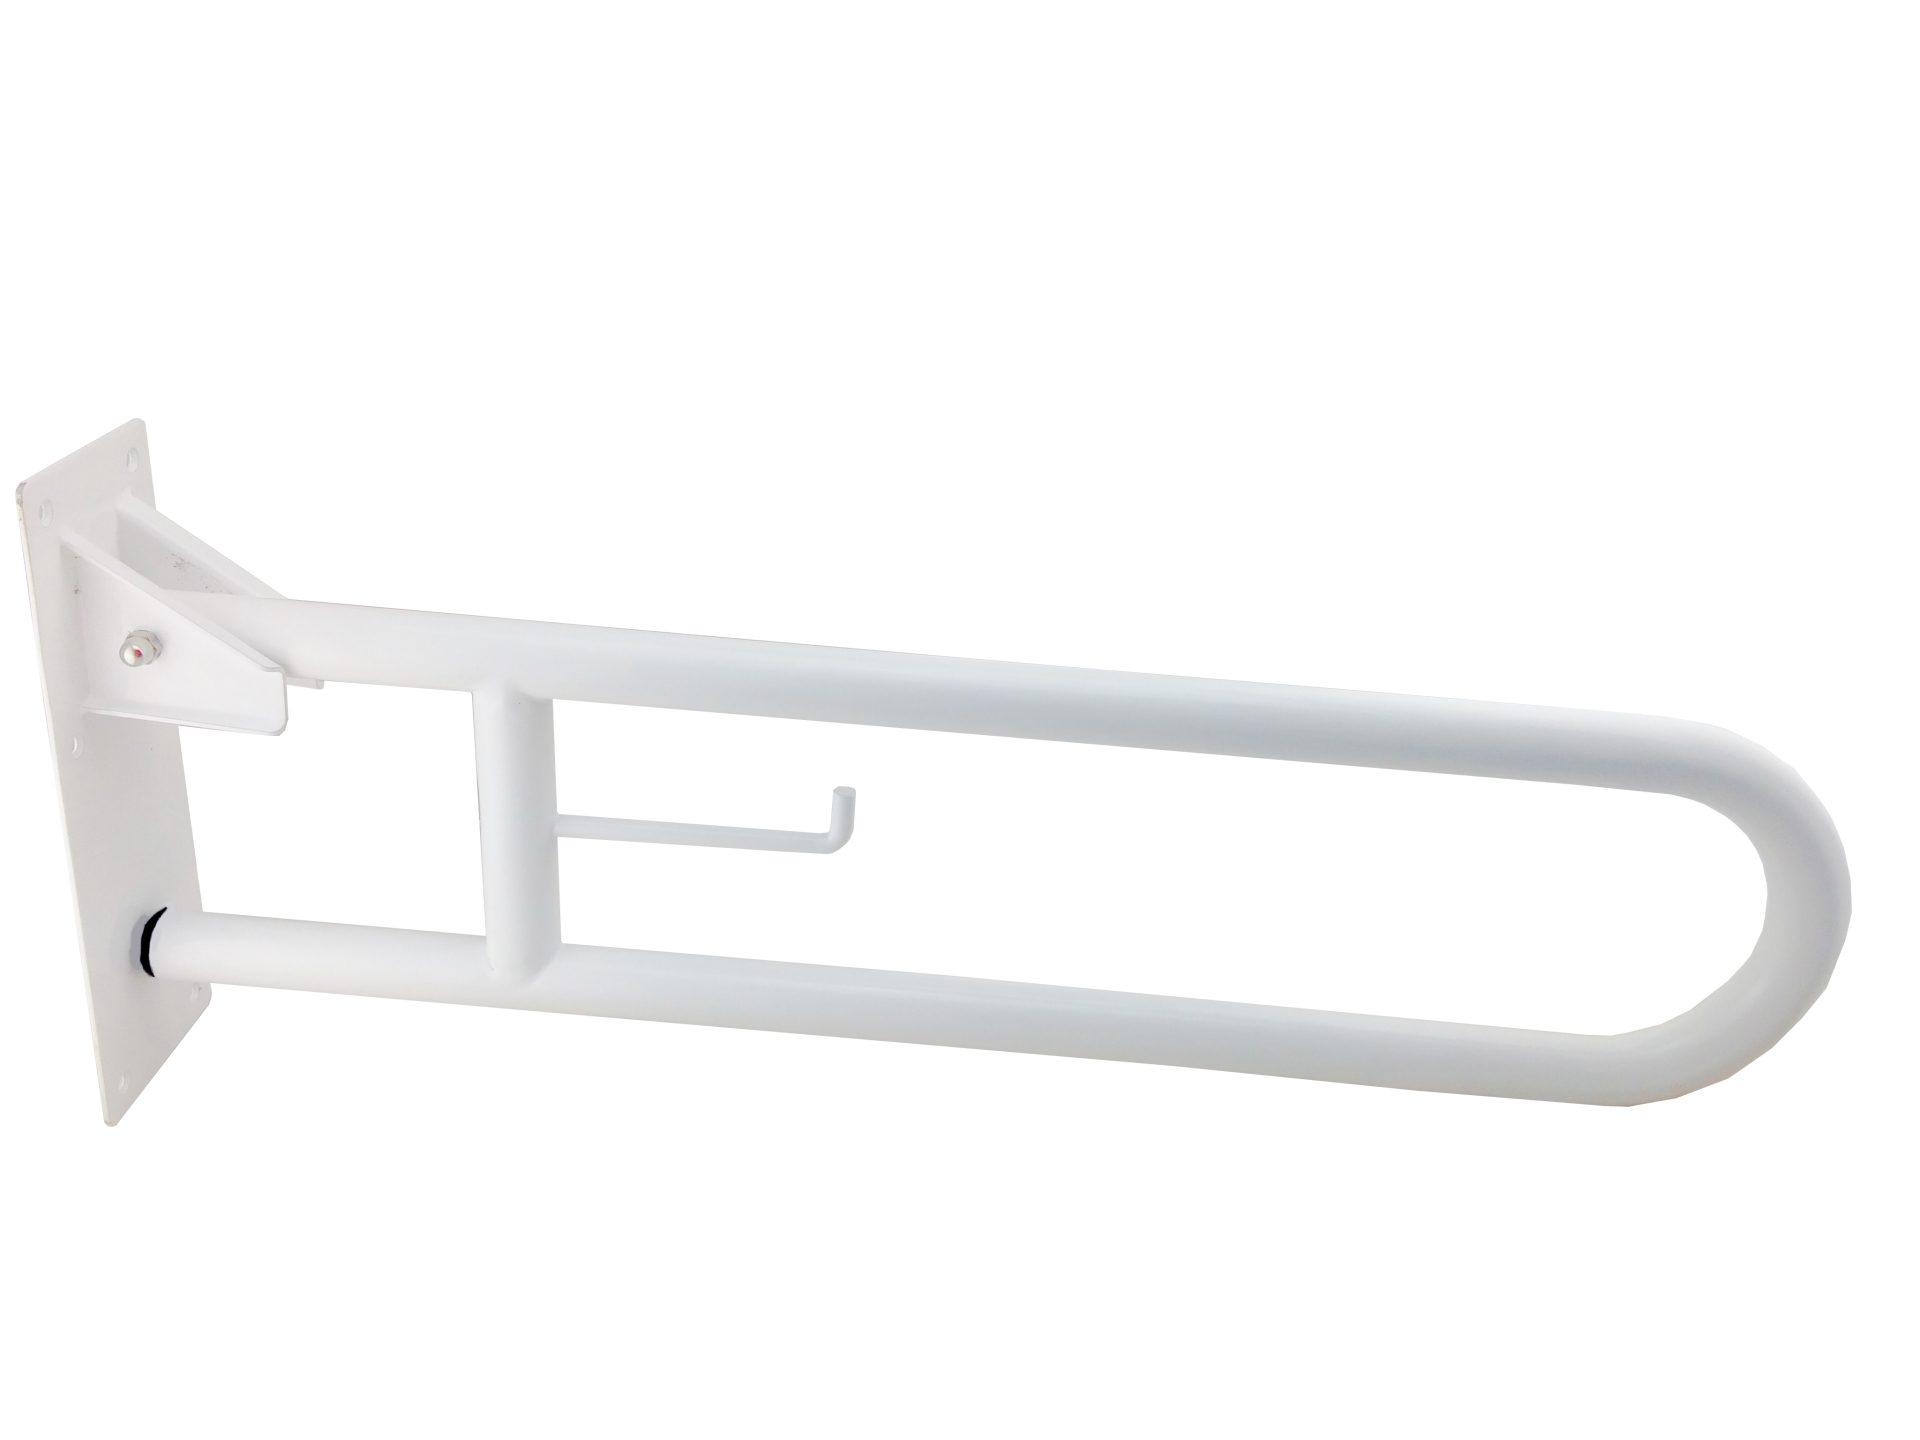 Barre de redressement pliable avec support de rouleau papier